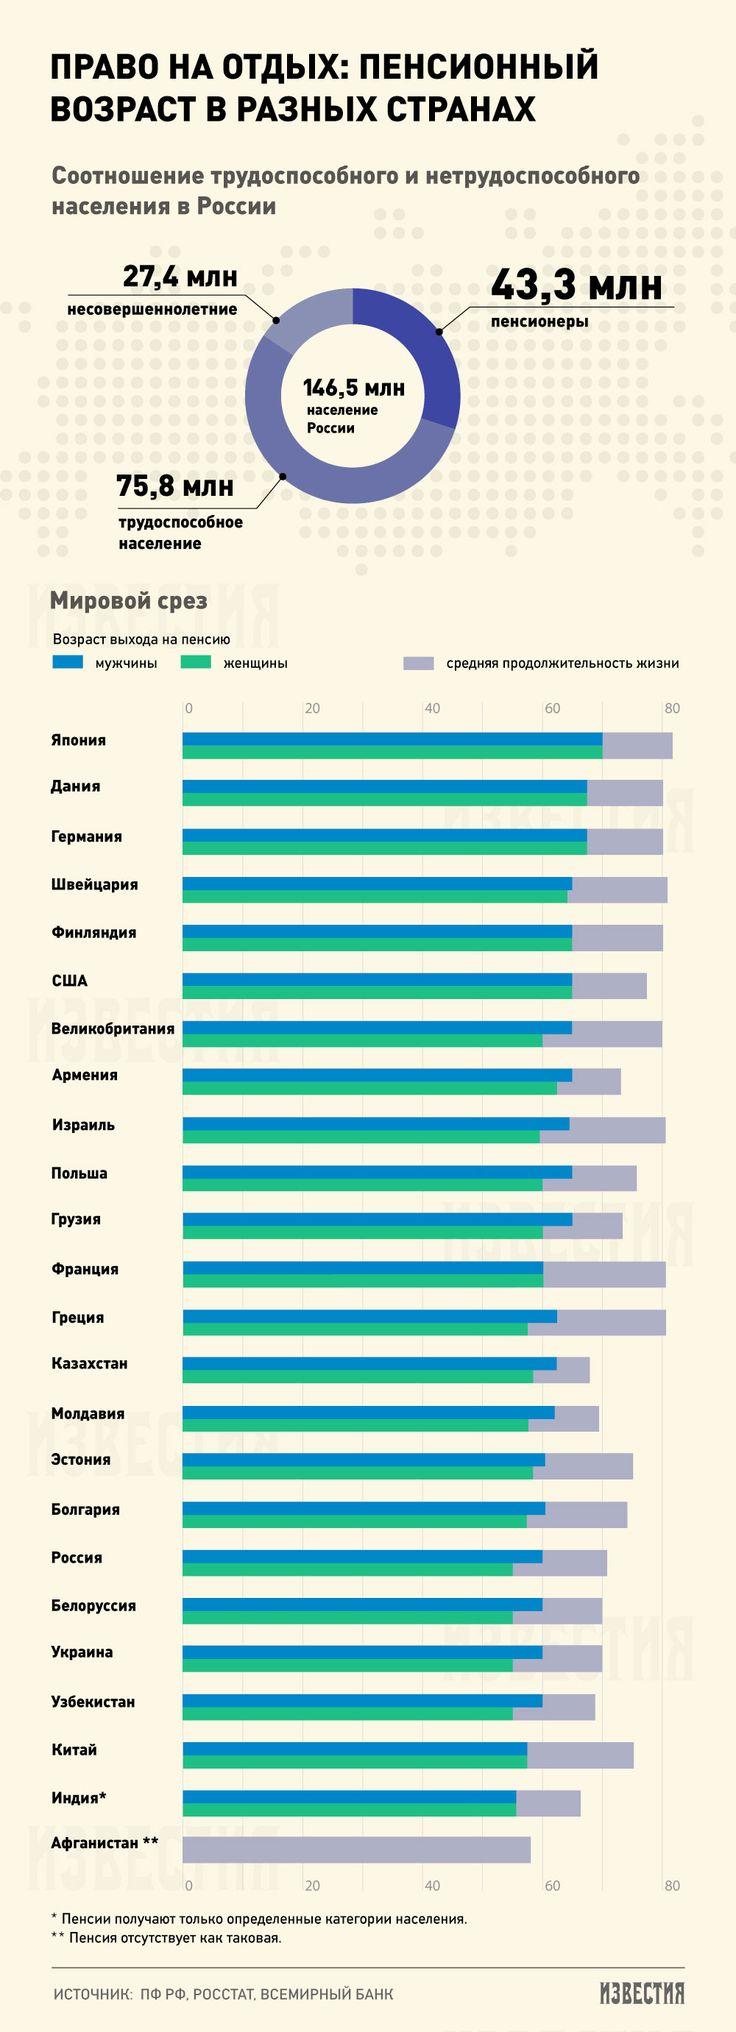 Заслуженный отдых: возраст выхода на пенсию в разных странах - Известия